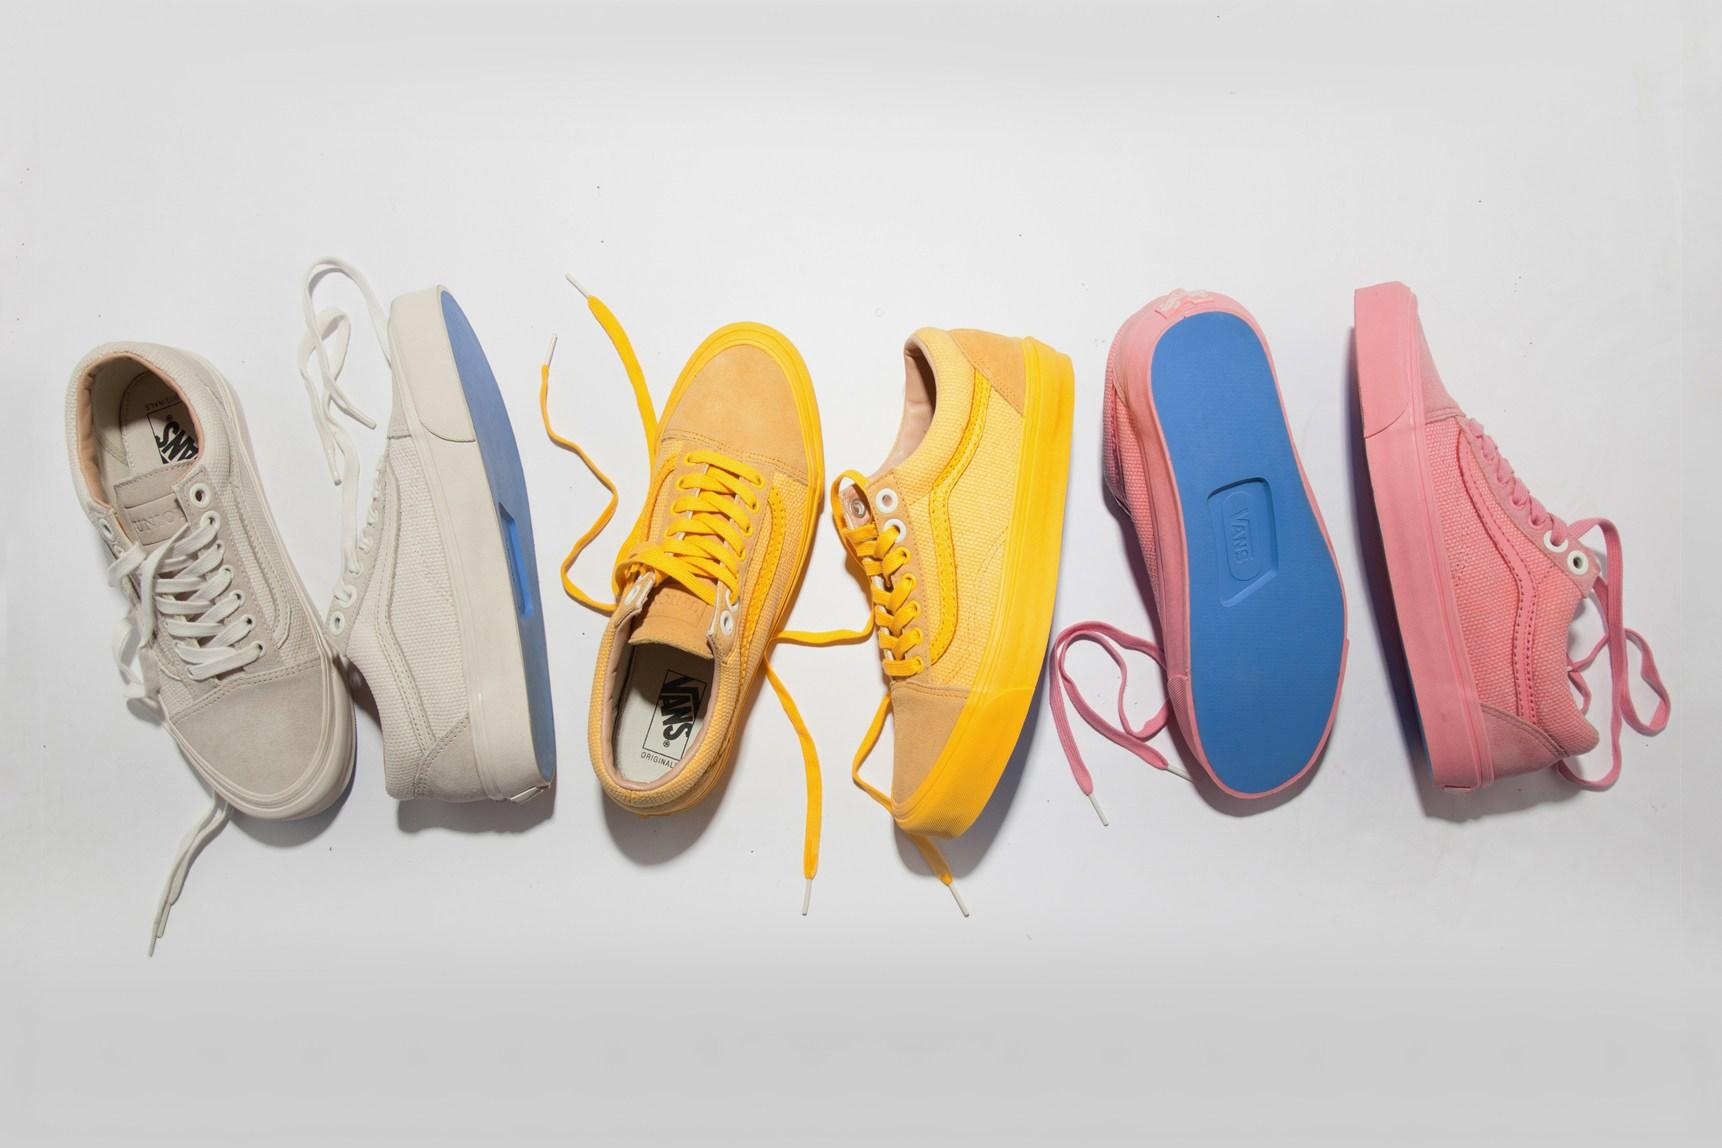 Union Los Angeles et Vans collaborent pour trois nouveaux modèles